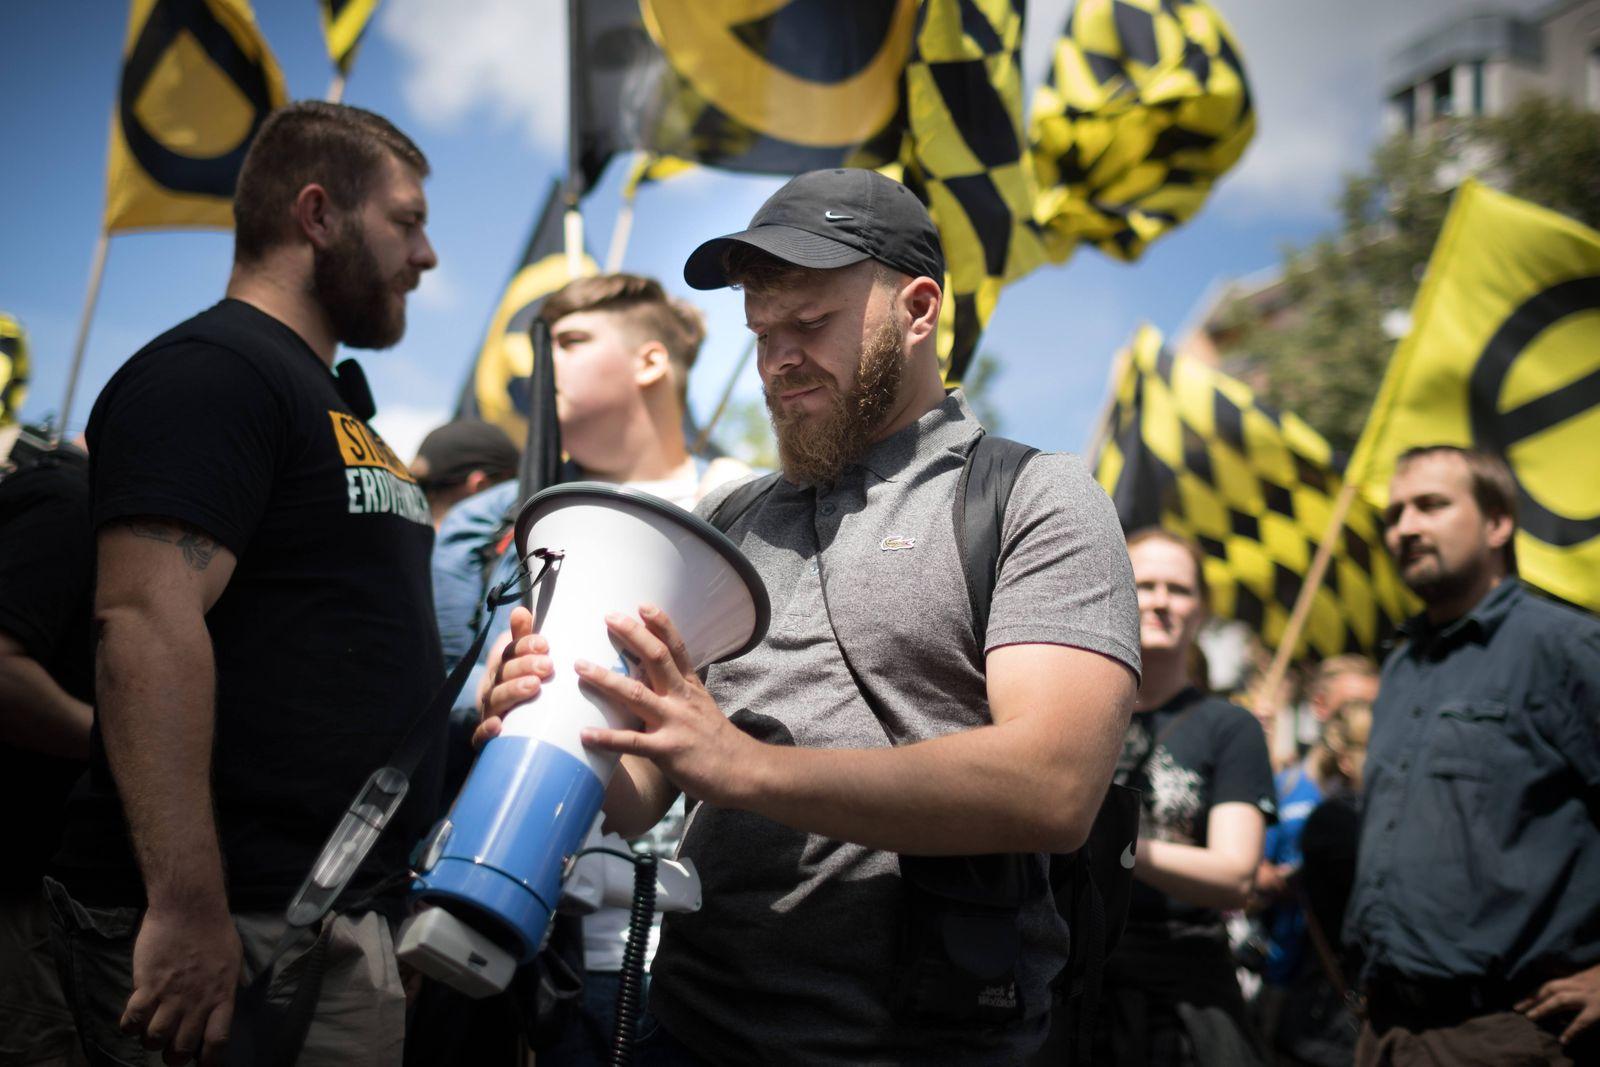 Demonstration Identitaere Bewegung Mehrere hundert Menschen nehmen an einer Demonstration der rechts